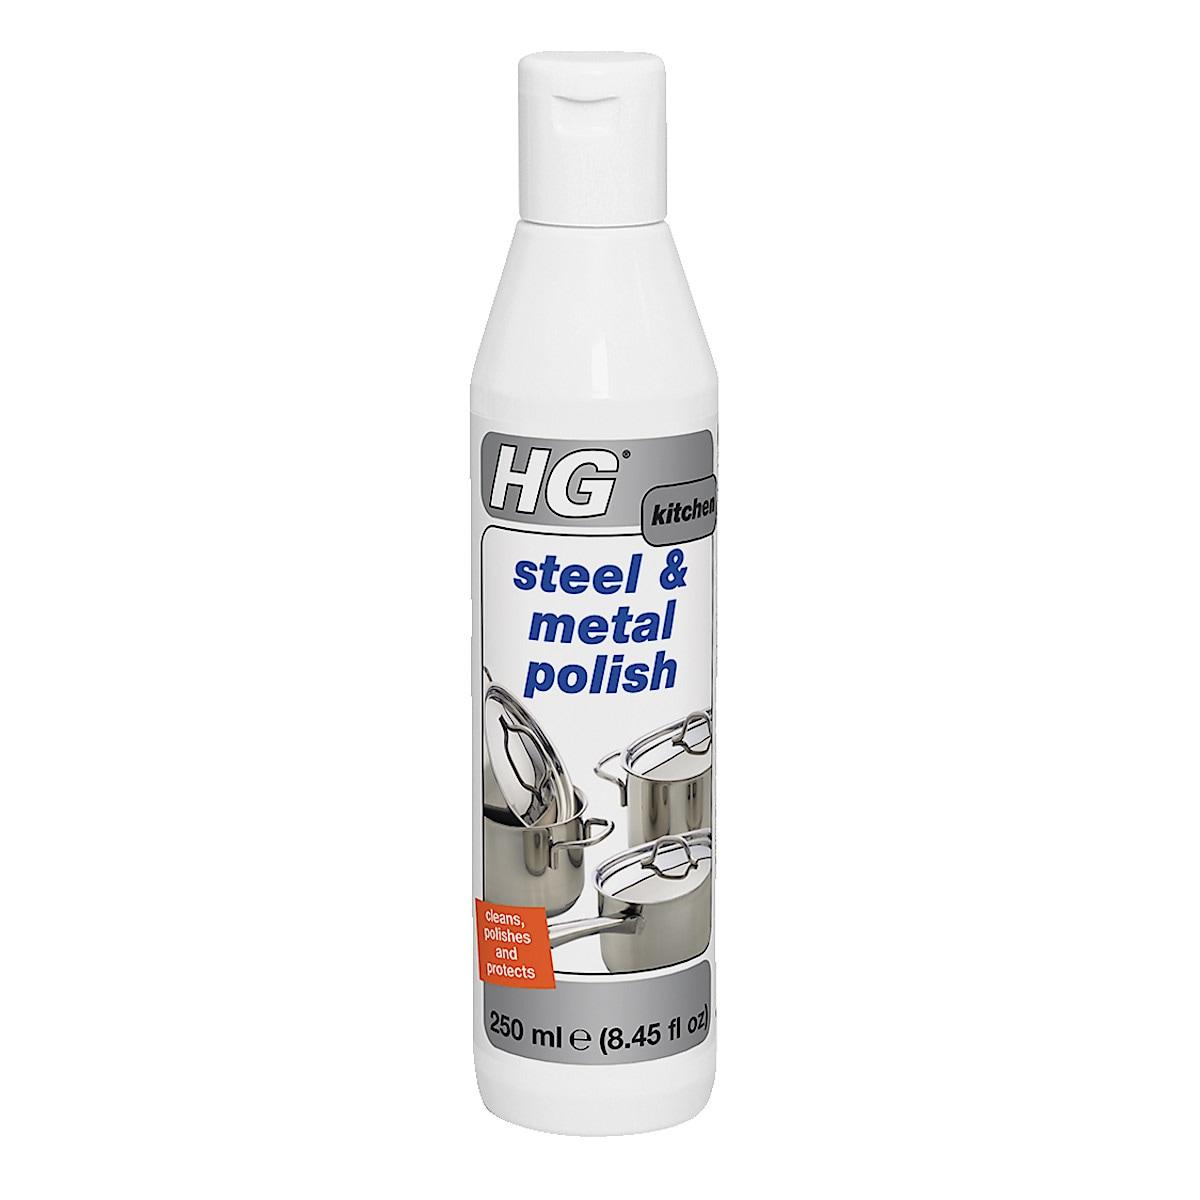 HG steel and metal polish